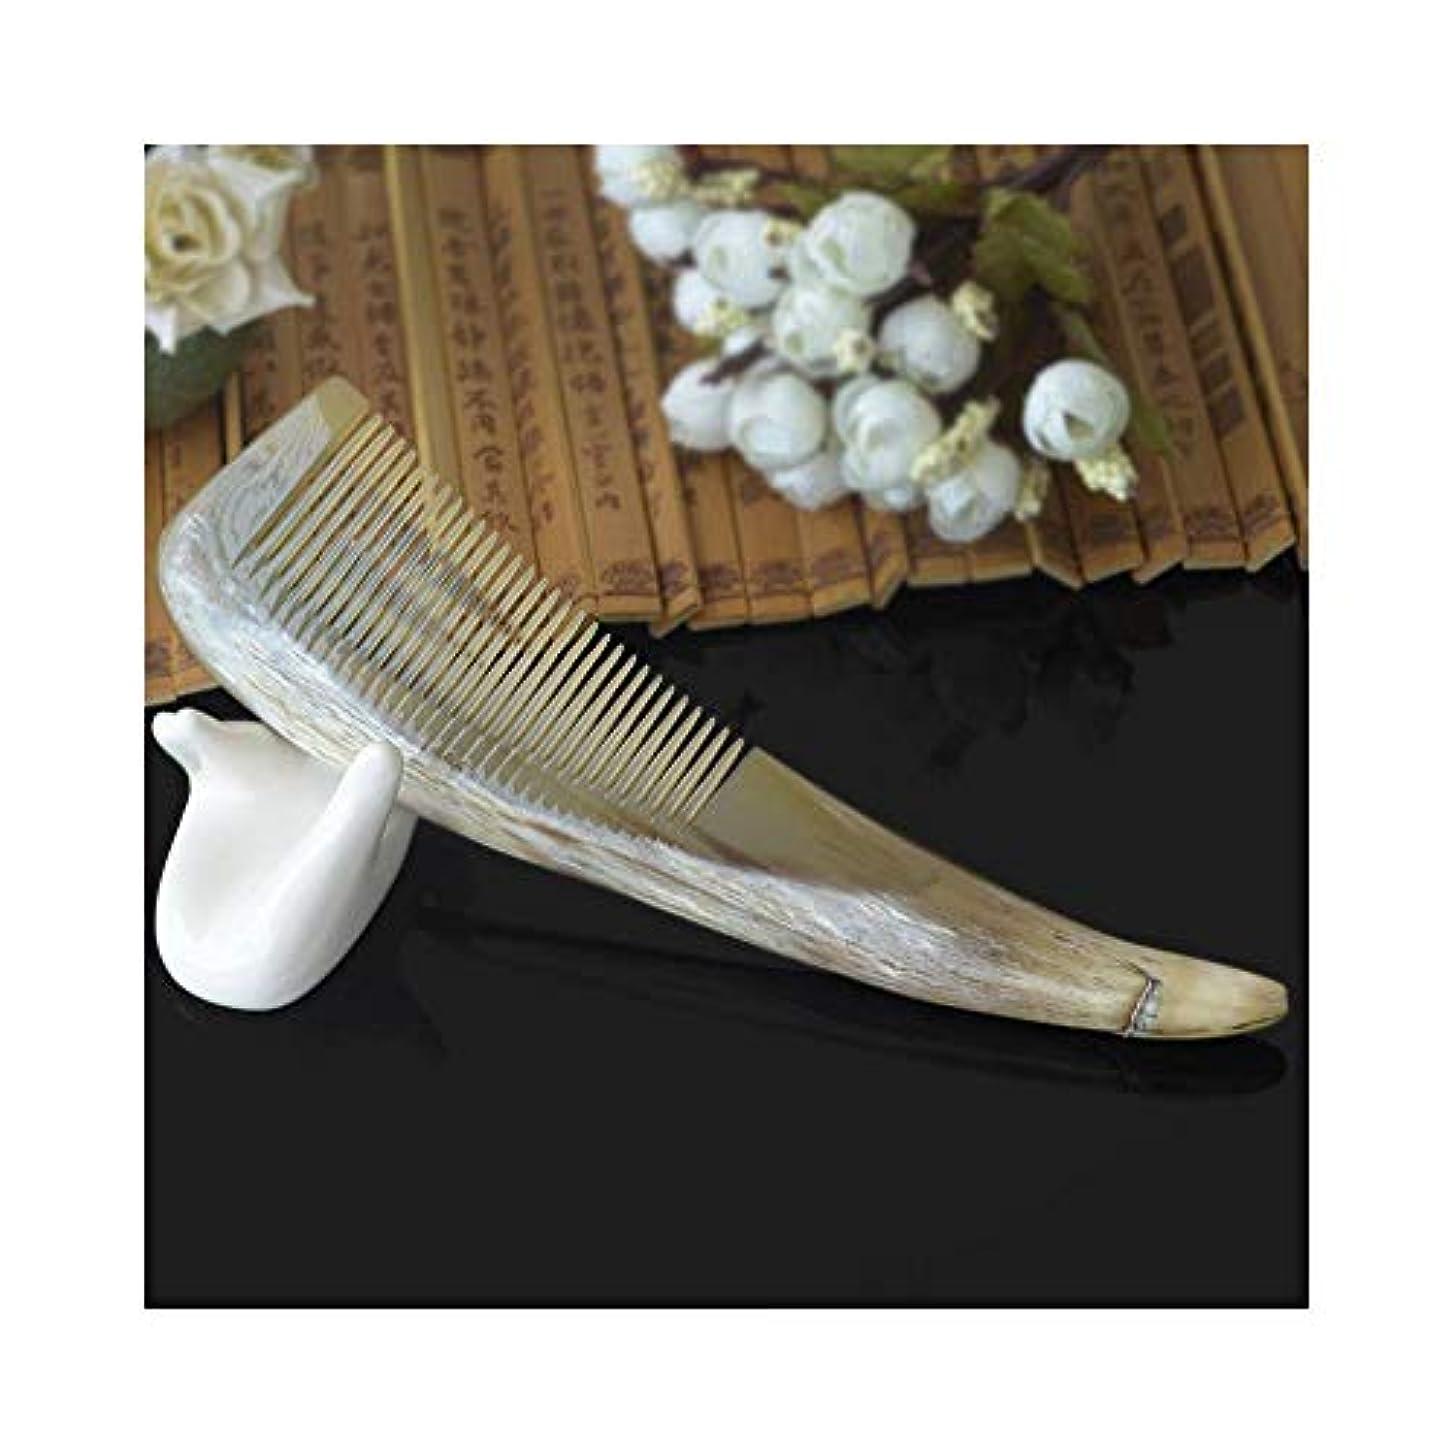 とげリテラシー命令的新しい髪テールくし - ファイン歯ナチュラルバッファローホーンくし - 静的なもつれ解除木製のくし ヘアケア